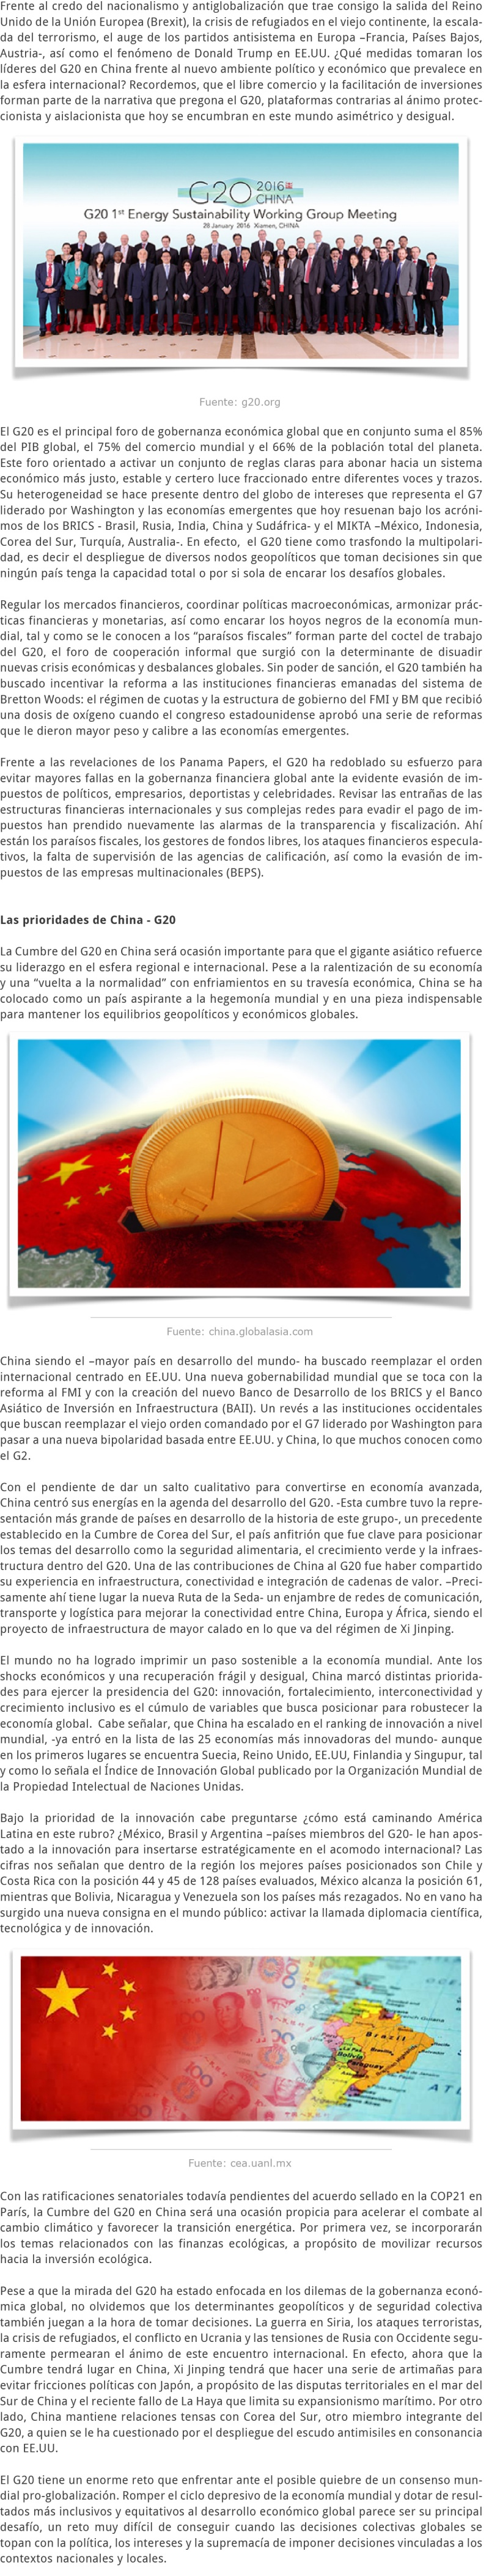 LA CUMBRE DEL G20 EN CHINA Y LOS NUDOS DE LA GOBERNANZA ECONÓMICA GLOBAL